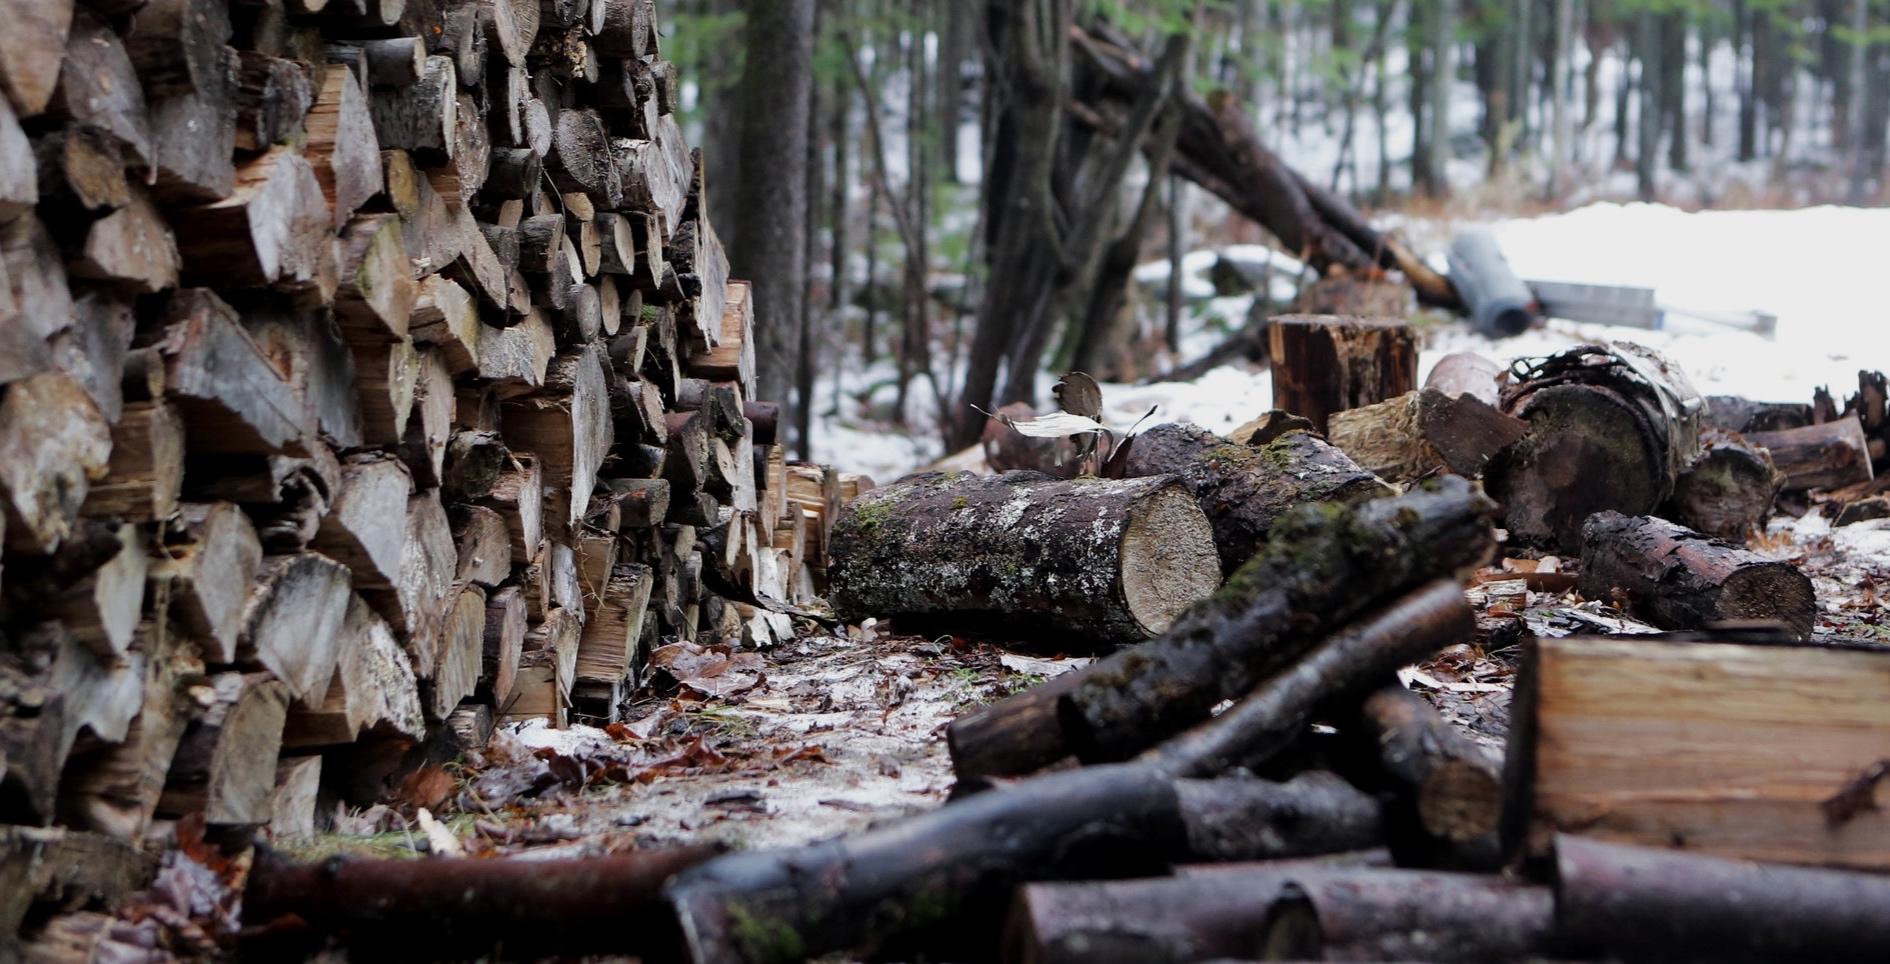 - Noch immer werden Urwälder, wie in Rumänien, Kanada und Indonesien, für die Papierproduktion gerodet. Aber auch Holz aus Plantagen und Wirtschaftswäldern ist nicht viel besser: An ihrer Stelle gab es früher extrem artenreiche und gut funktionierende Ökosysteme.